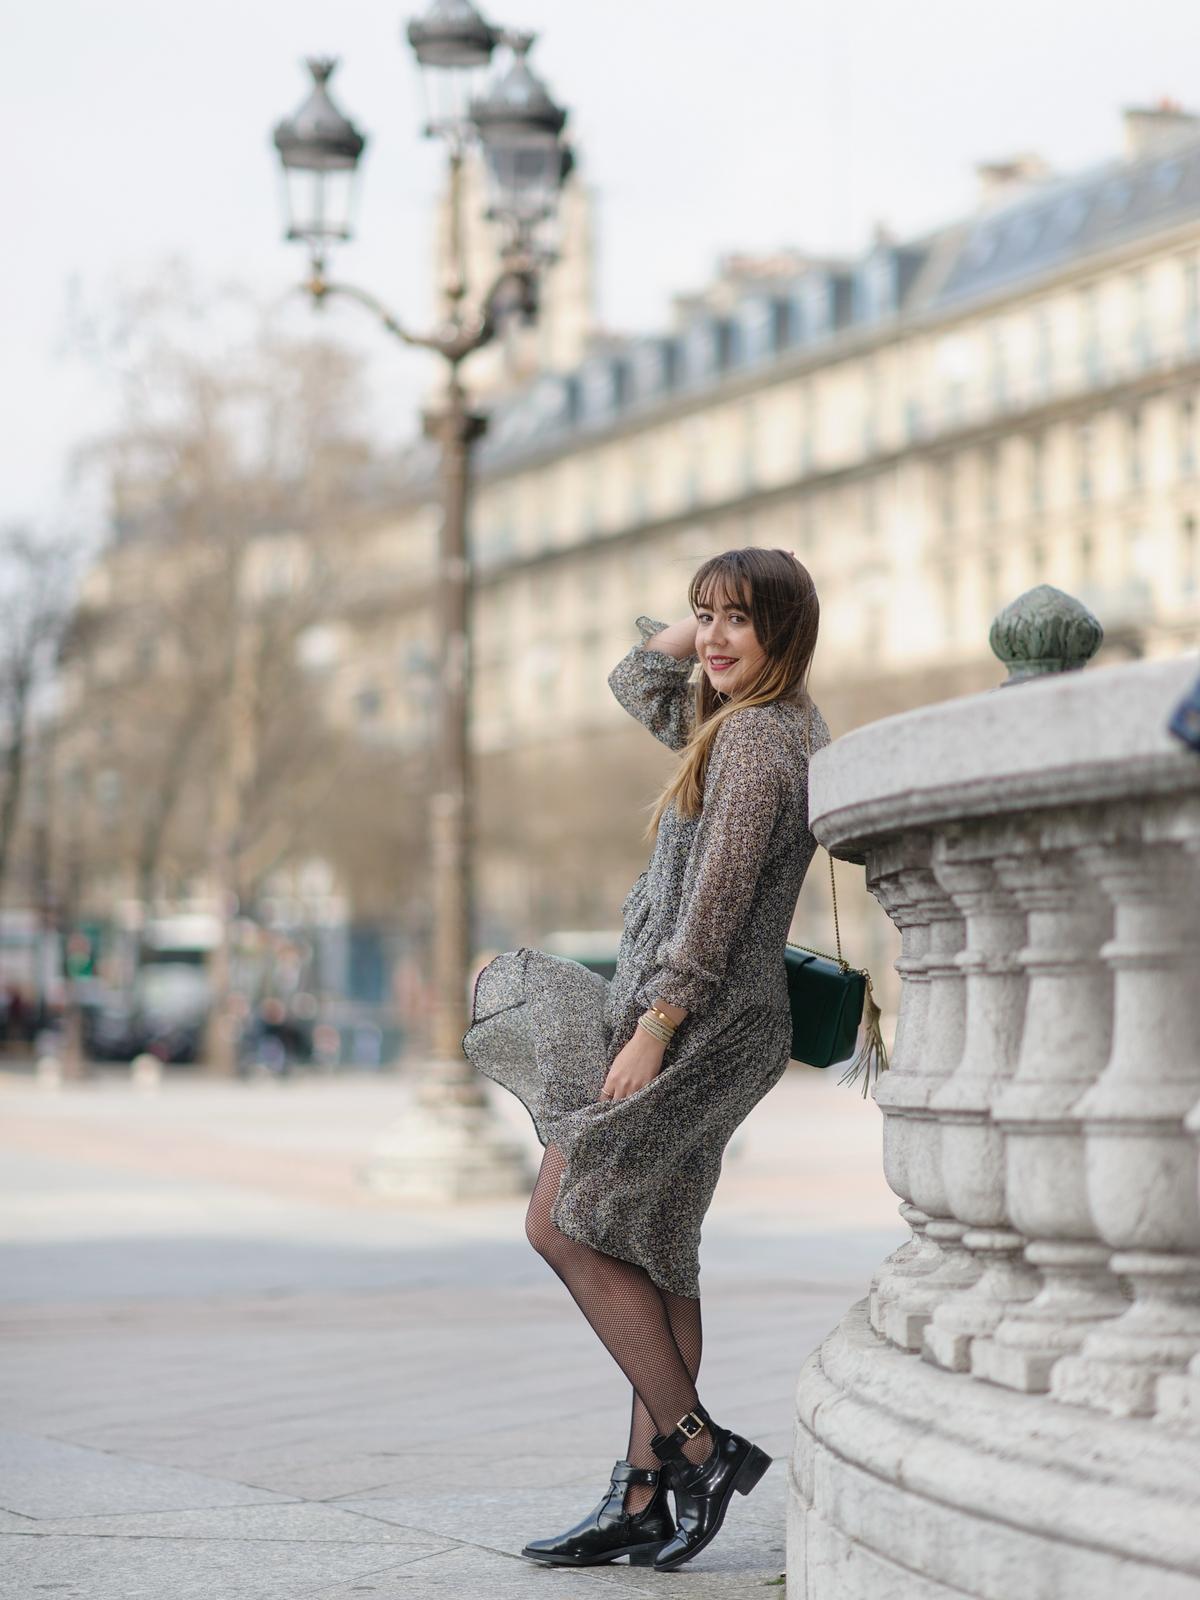 Boots et résilles - look - du style madame - bain de lumiere